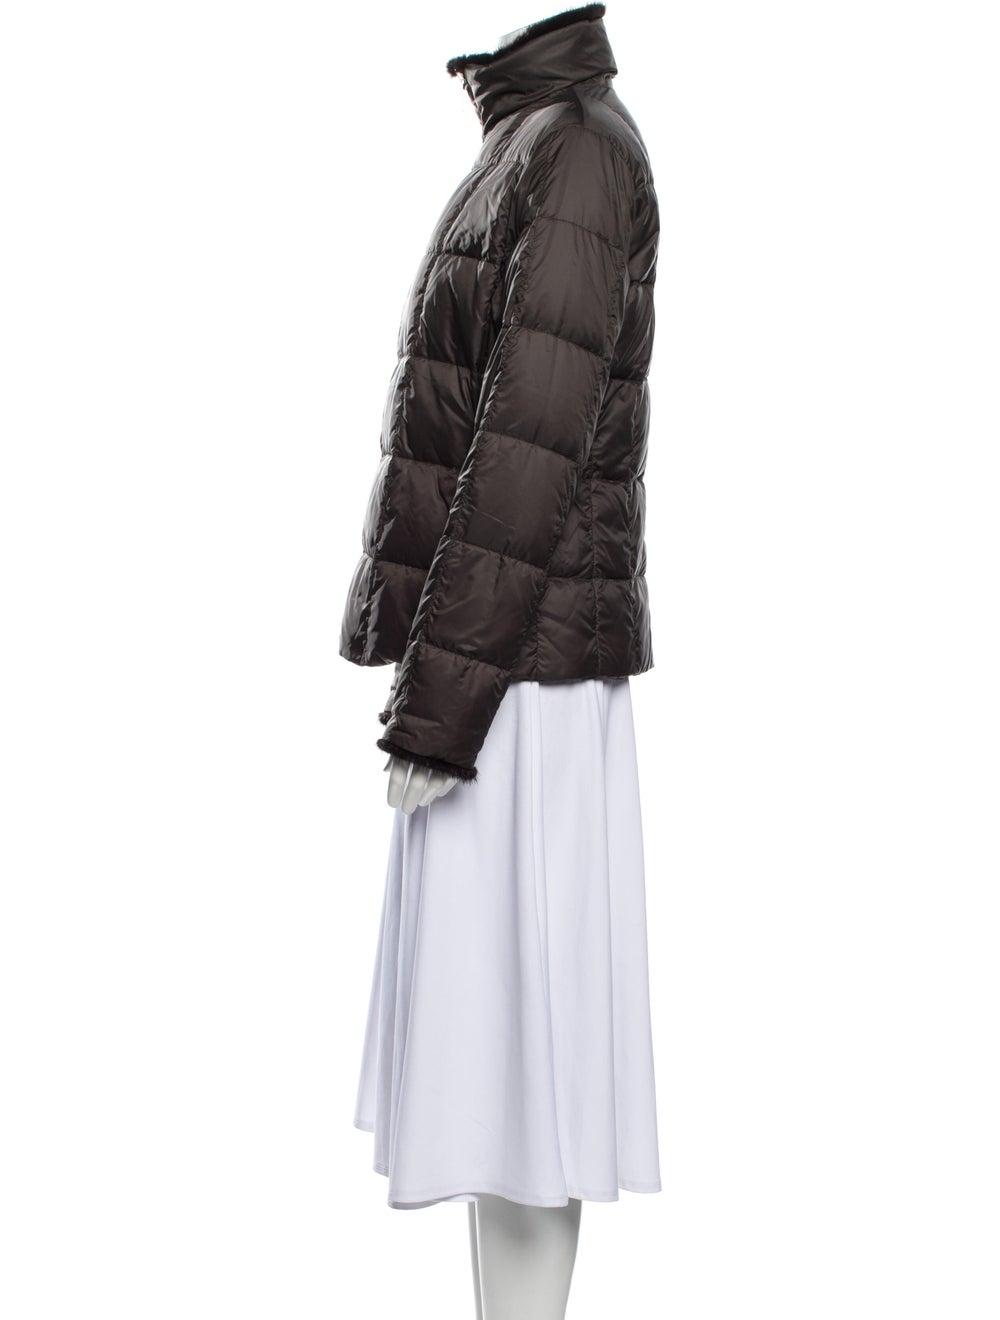 Moncler Vintage 1990's Jacket Black - image 2